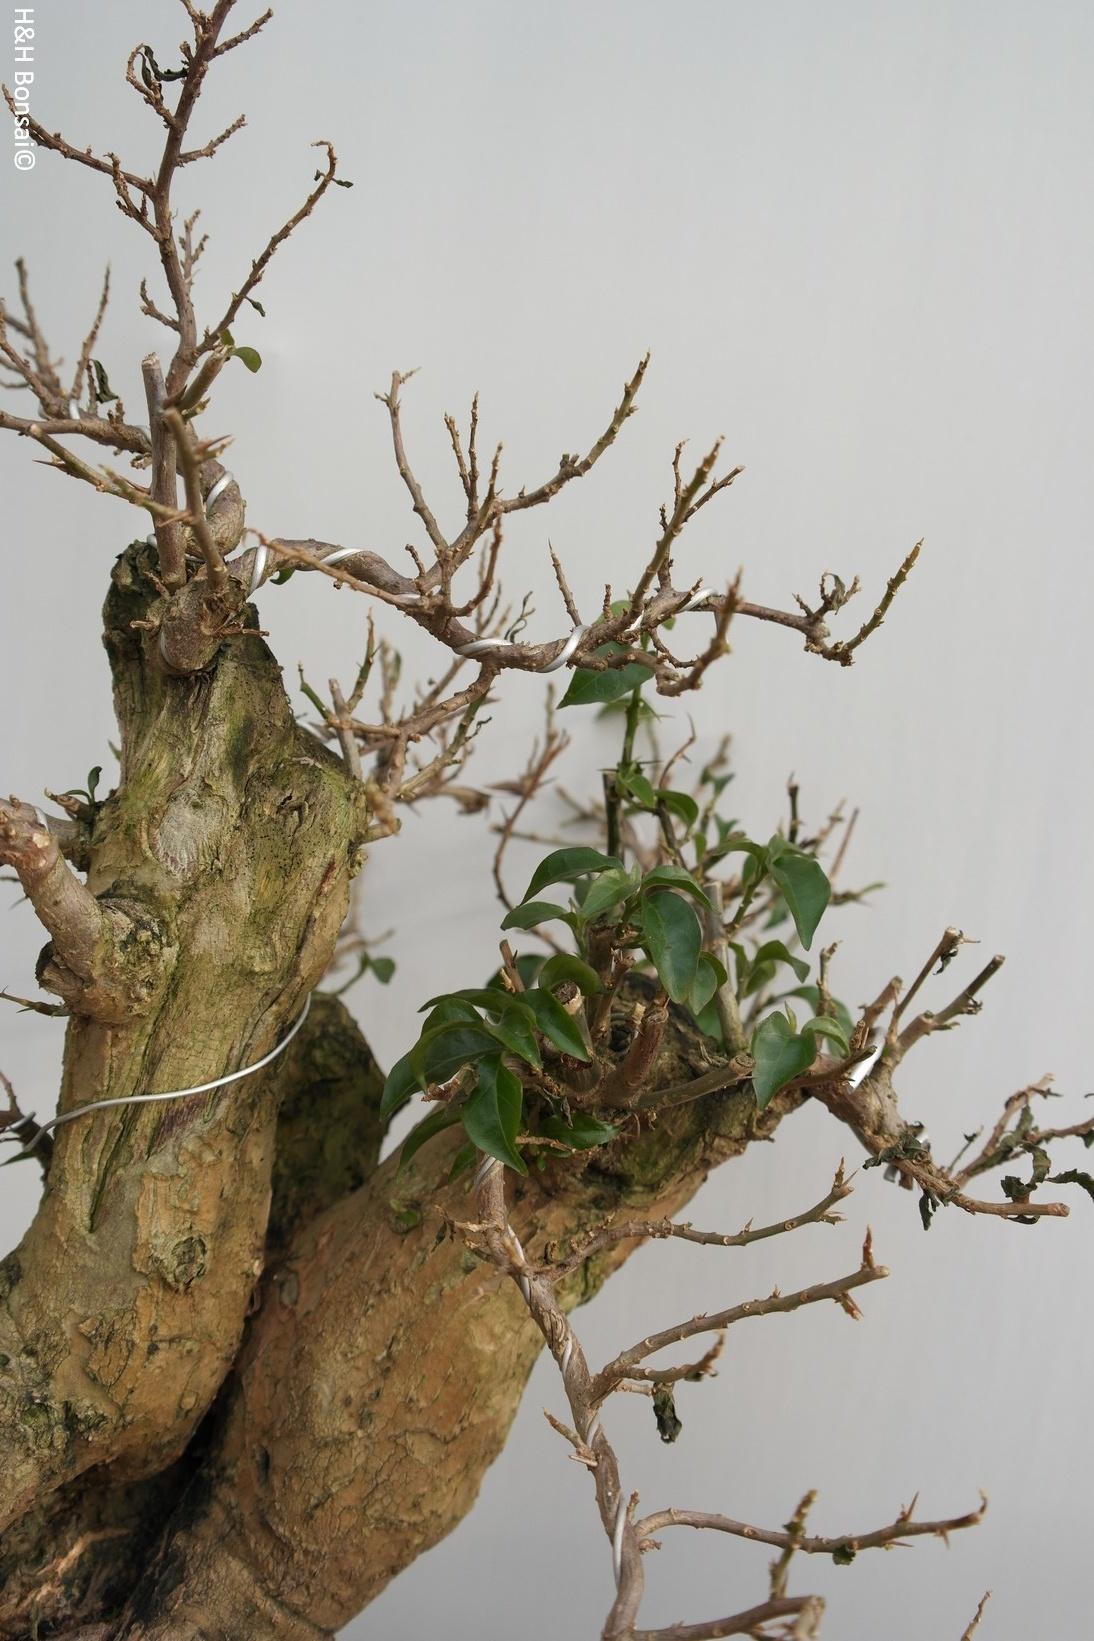 Bonsai Bougainvillier, Bougainvillea glabra, no. 7817